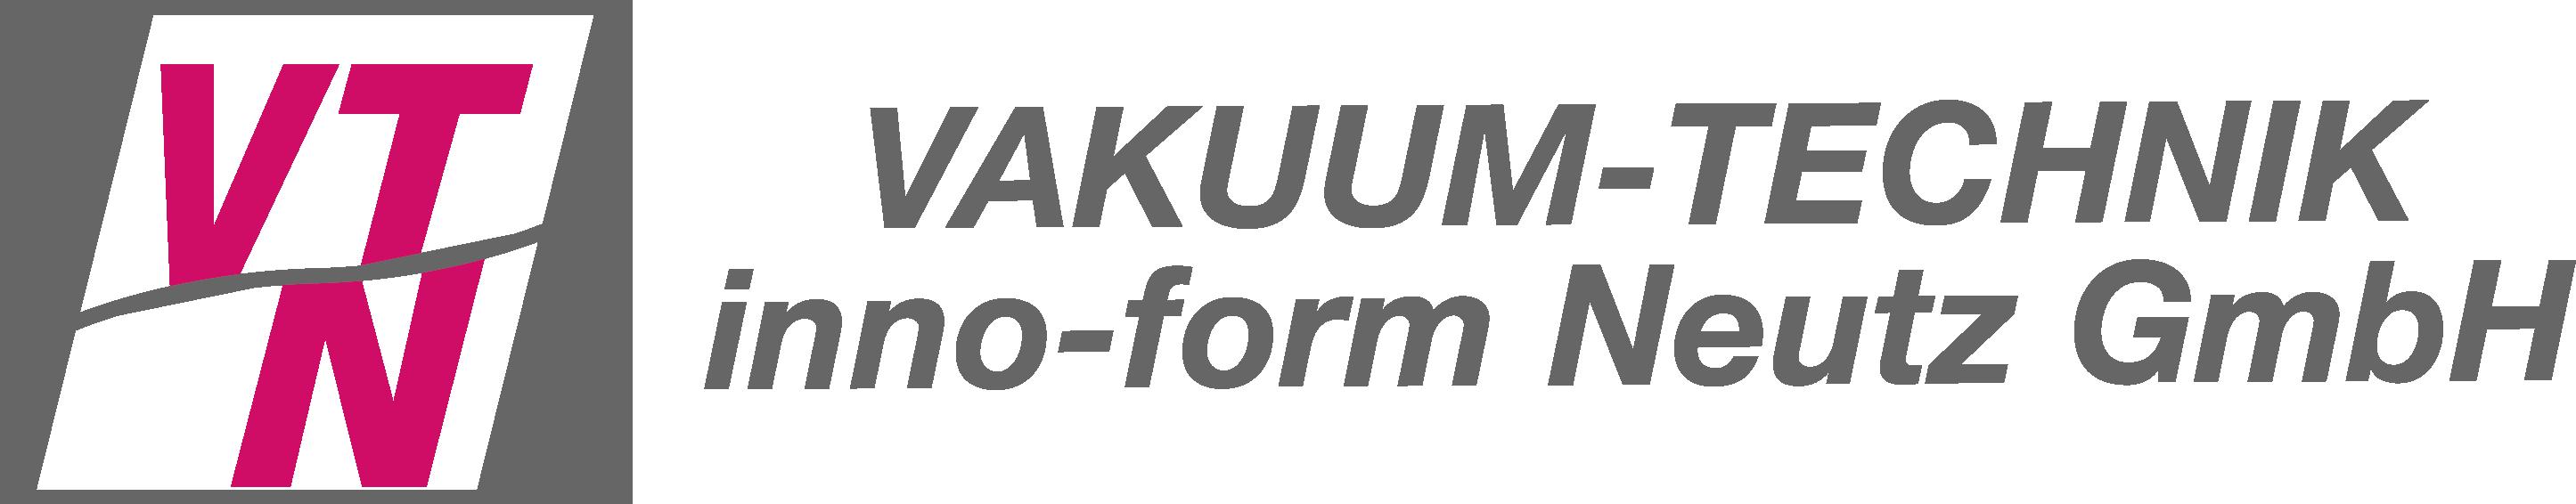 VAKUUM-TECHNIK inno-form NEUTZ GmbH